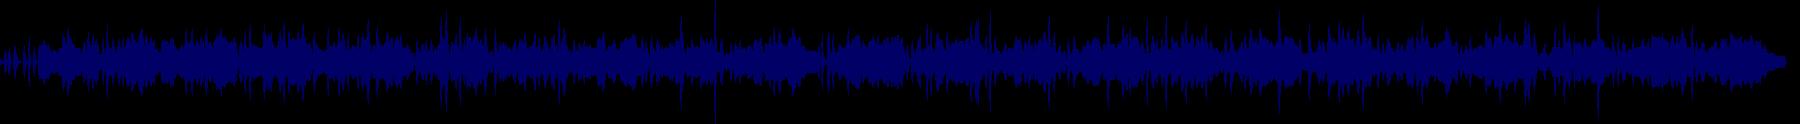 waveform of track #67896